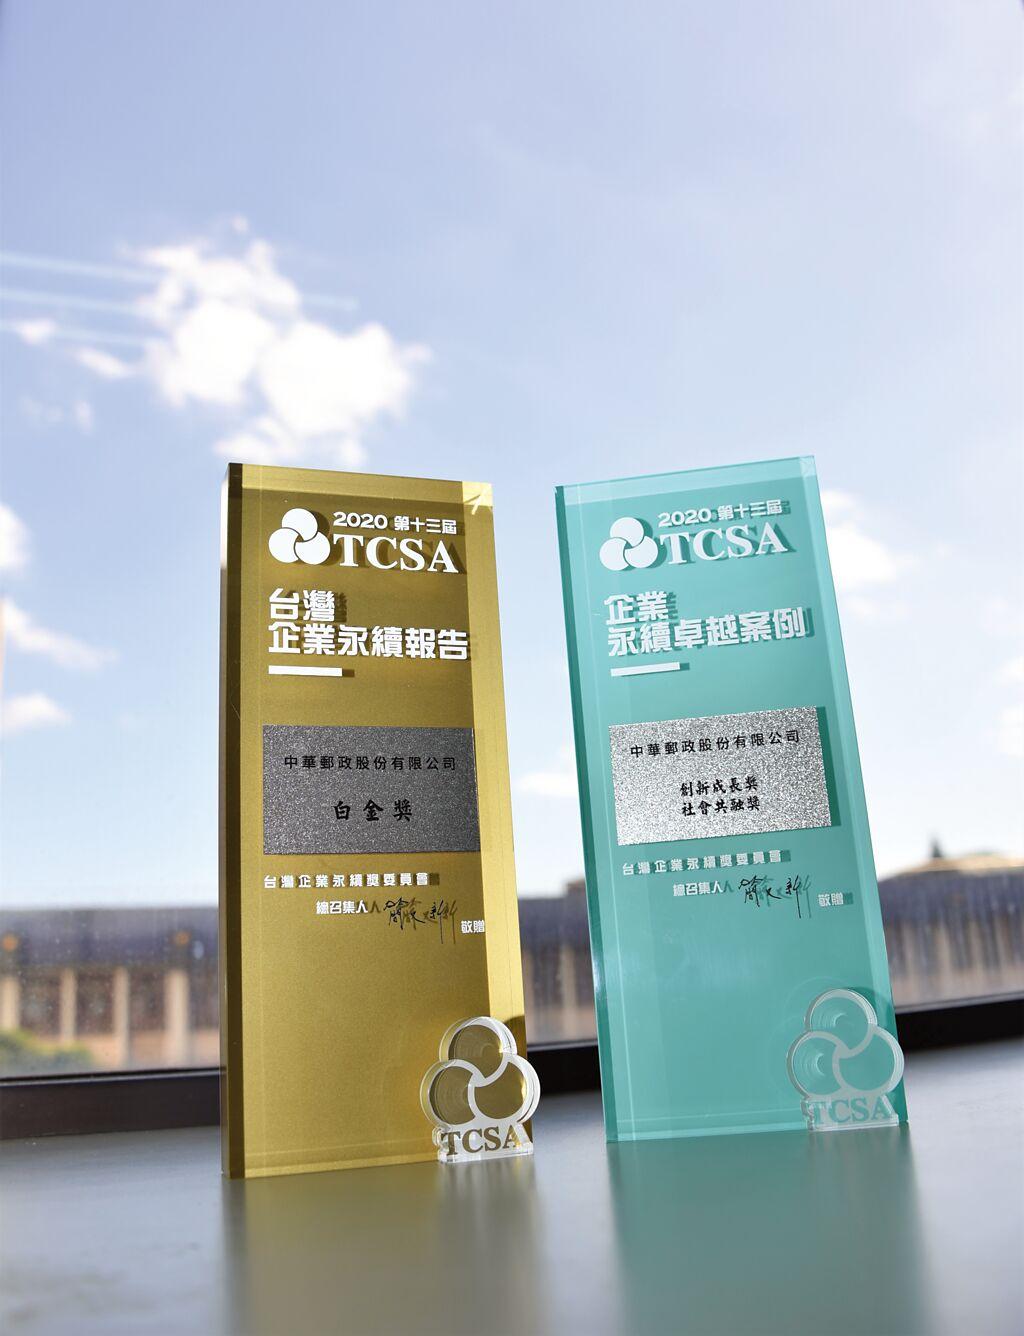 中華郵政榮獲「2020 TCSA 台灣企業永續獎」之「企業永續報告」類金融保險業白金獎、「卓越案例」創新成長獎及社會共融獎等三項殊榮。圖/中華郵政提供